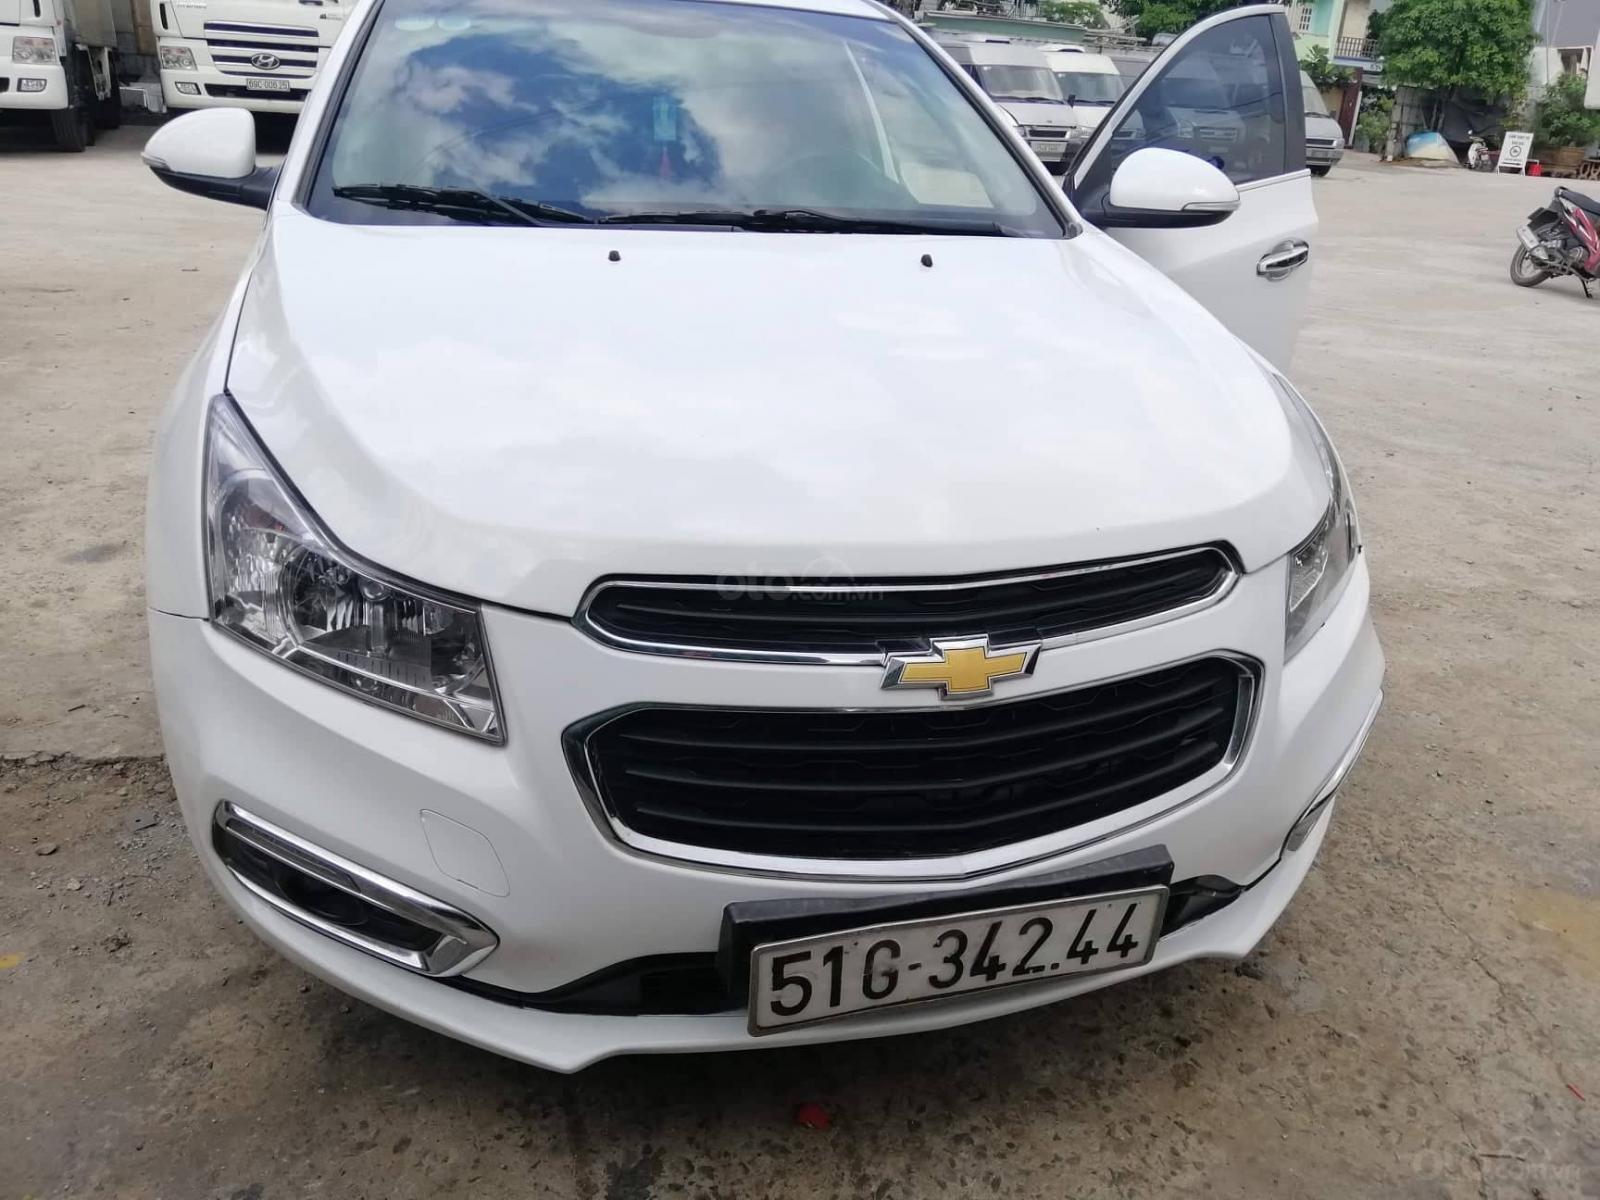 Bán xe Chevrolet Cruze đời 2017, màu trắng, số sàn-0